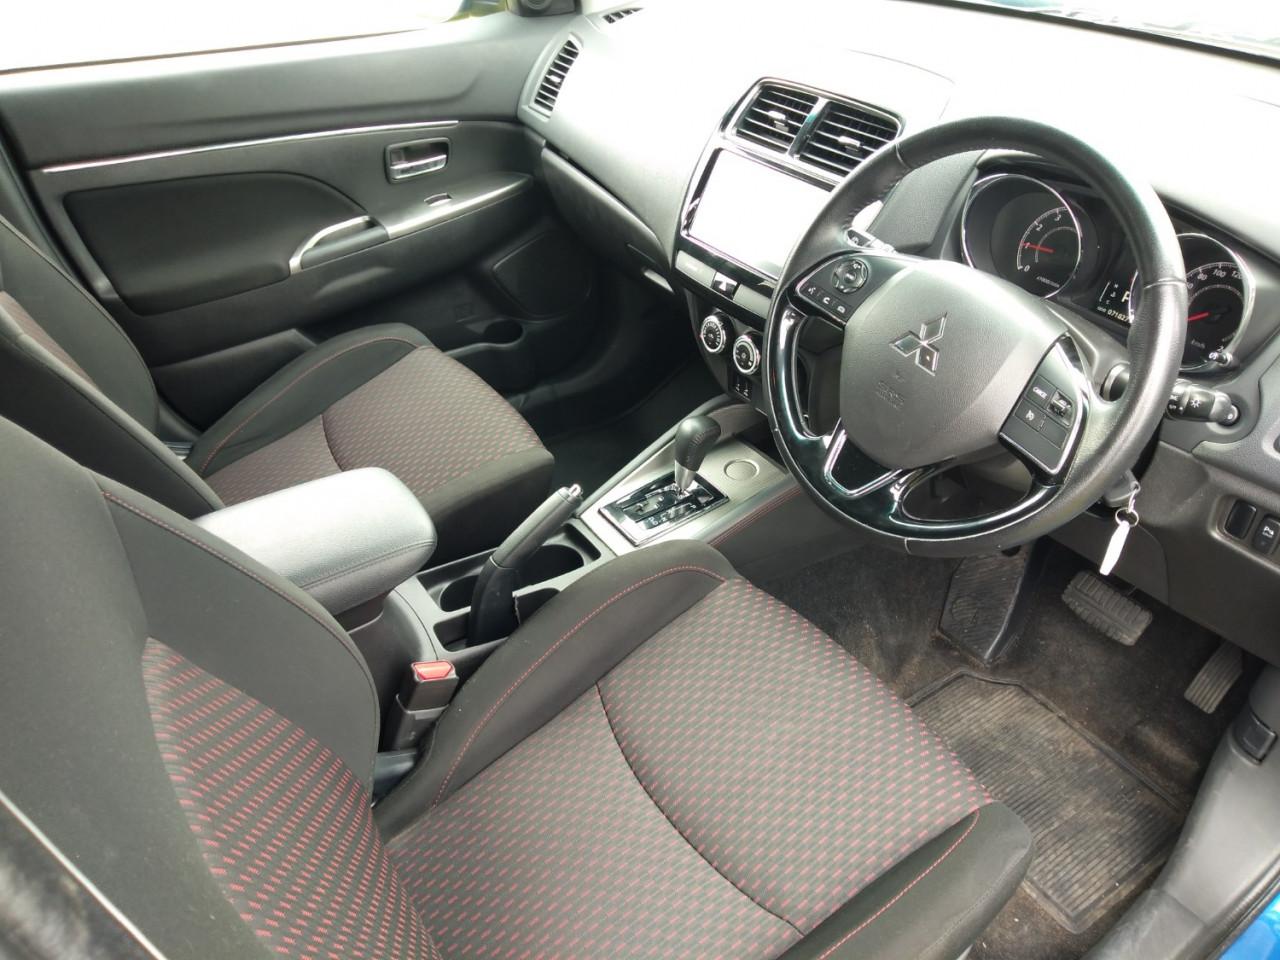 2017 MY18 Mitsubishi ASX XC MY18 LS Suv Image 6